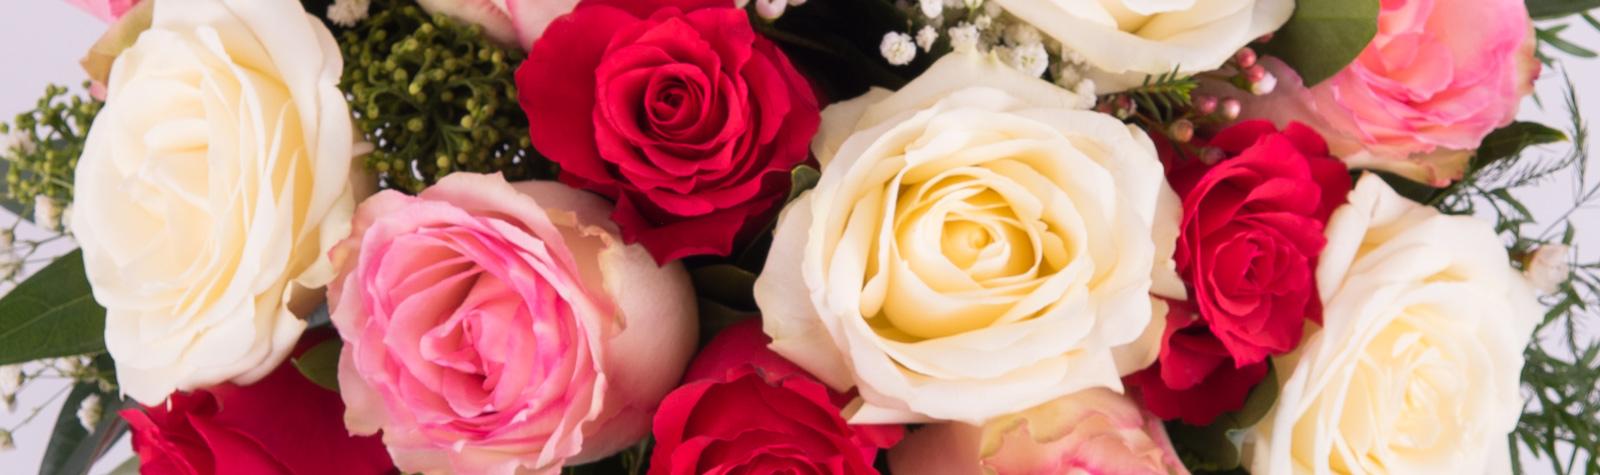 El significado del color de las rosas.